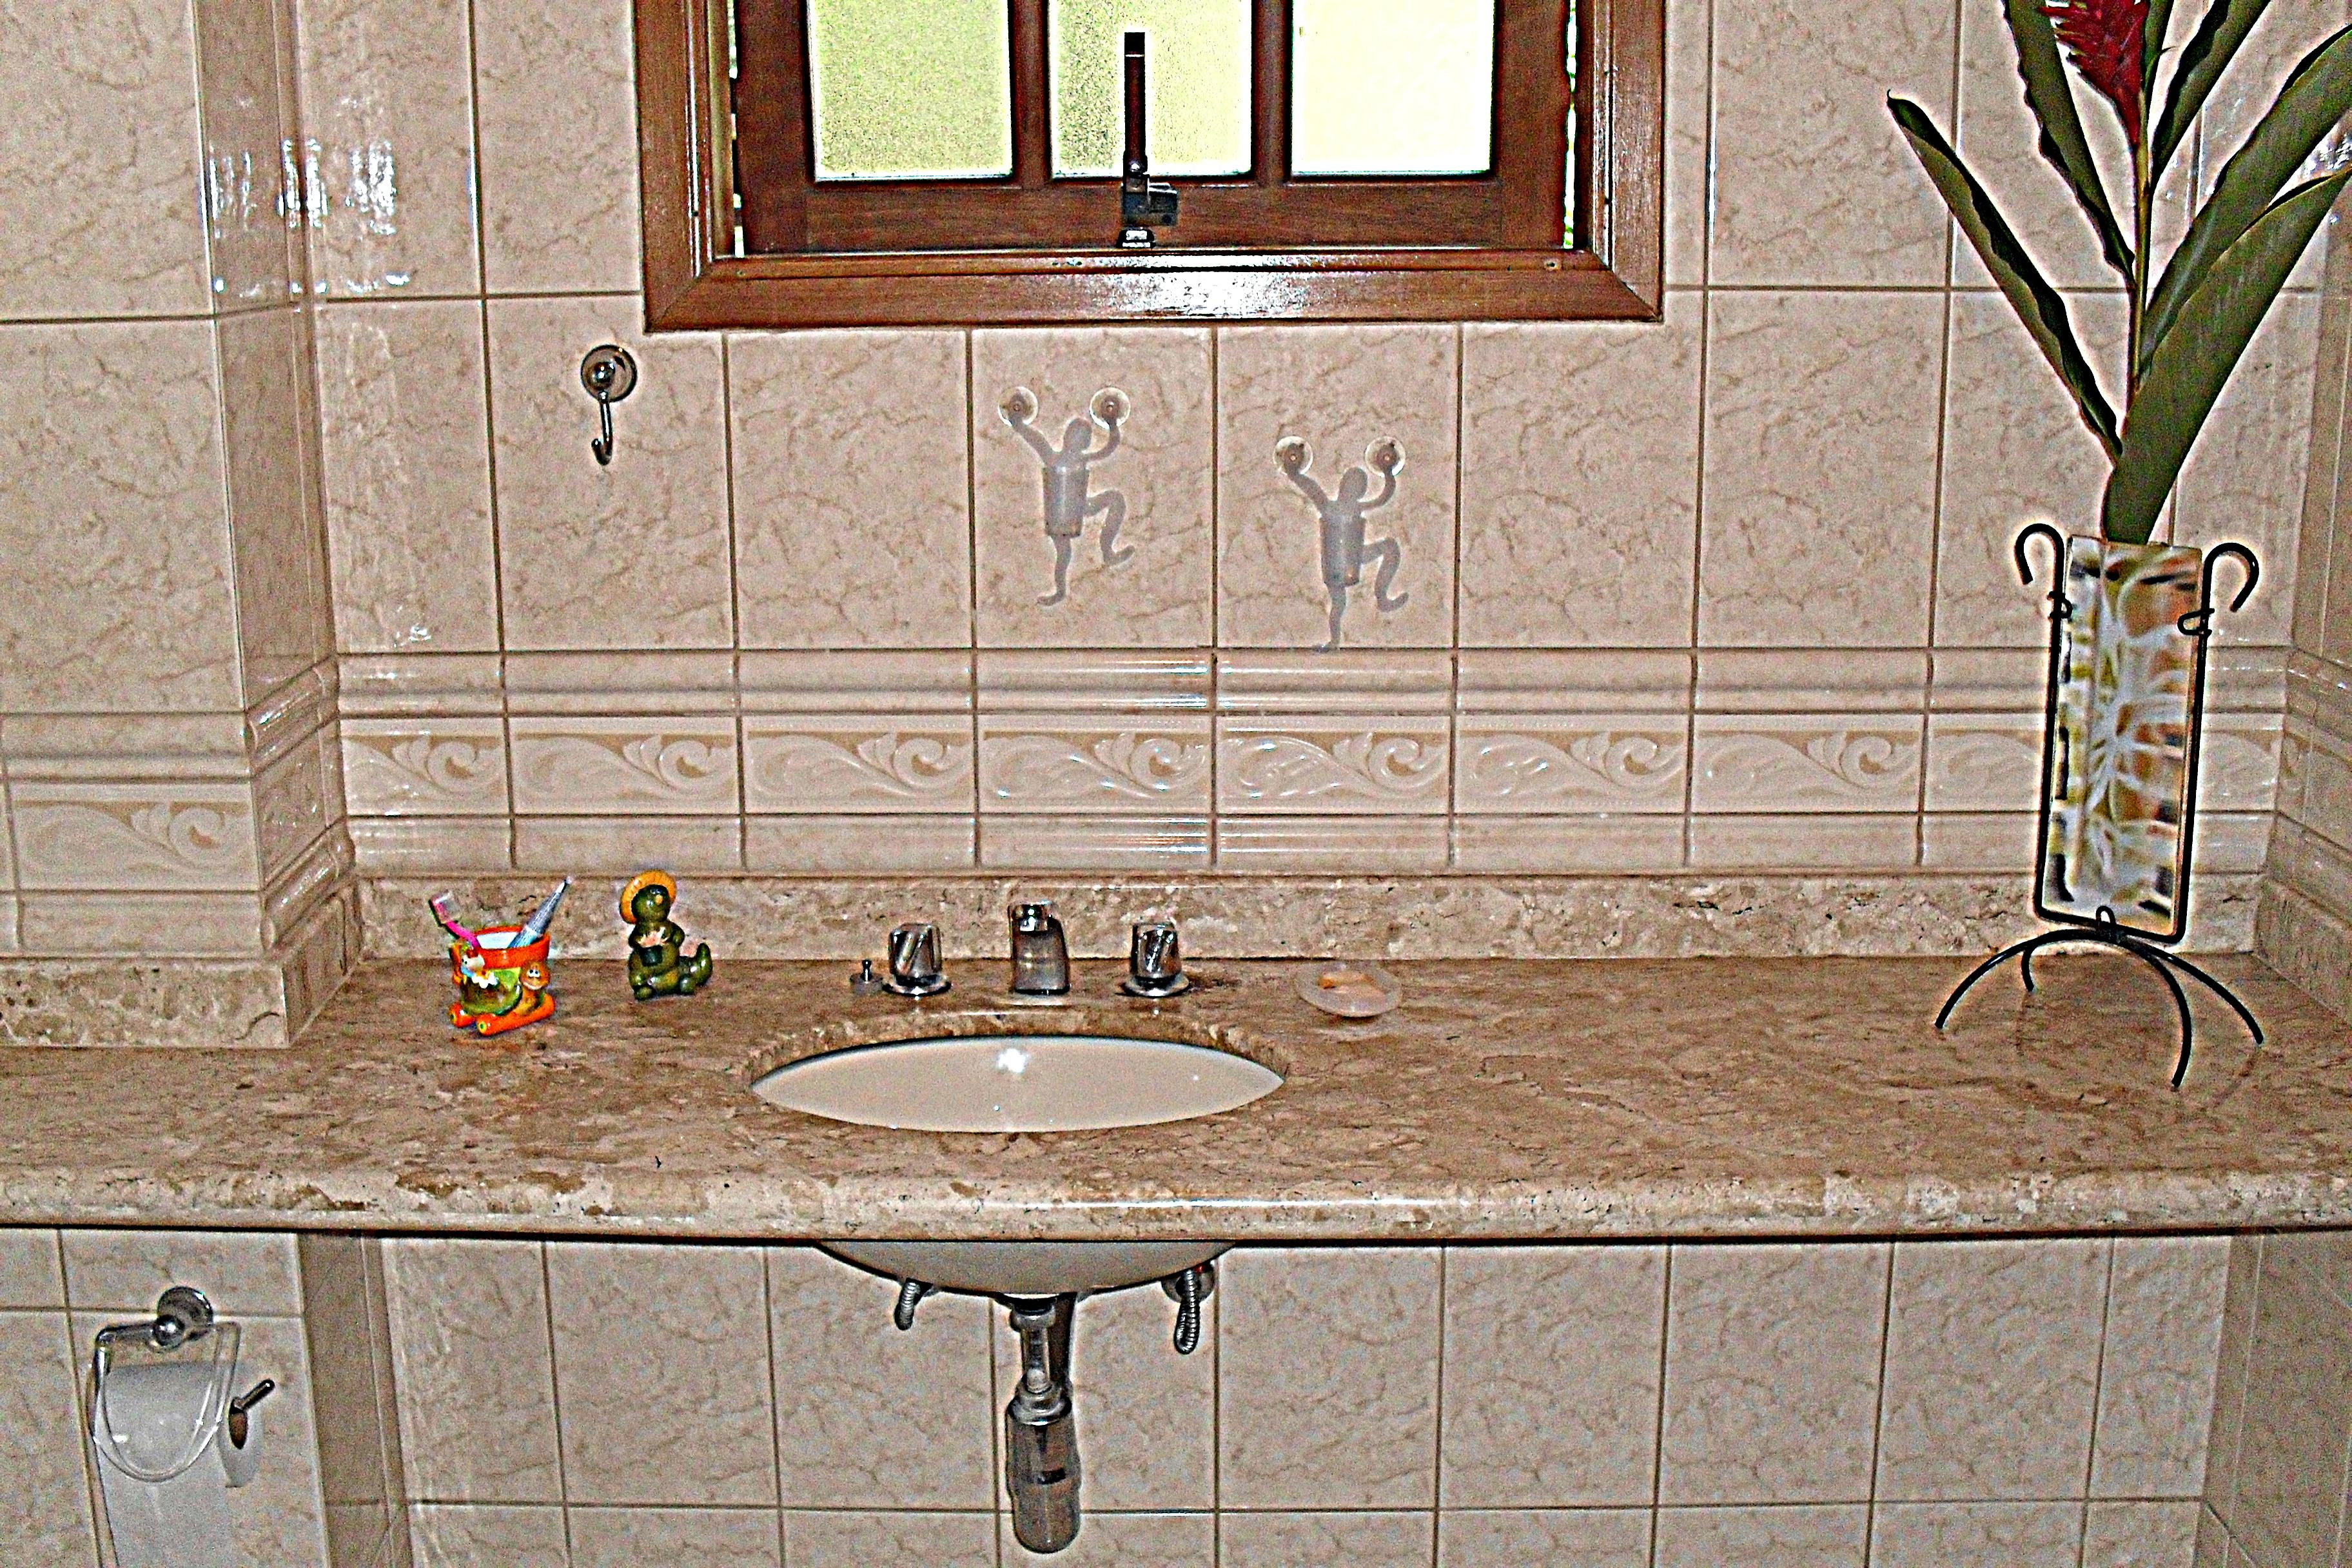 Banheiro - Apartamento em baixo (2)